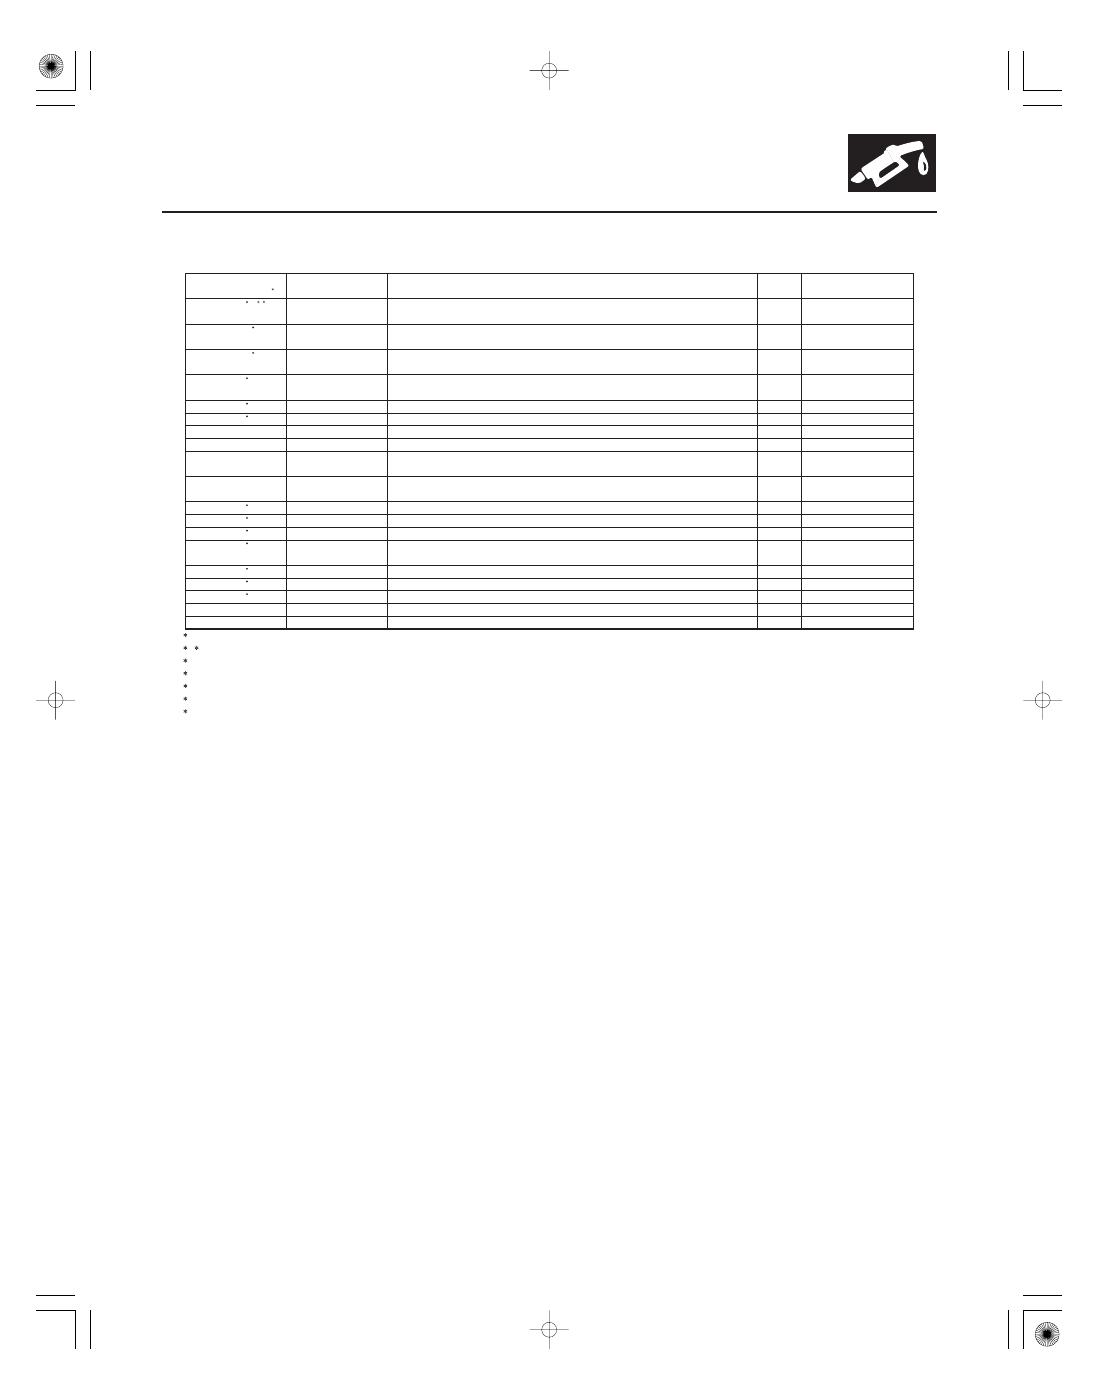 Knock Sensor Diagram 03 Rax - All Diagram Schematics